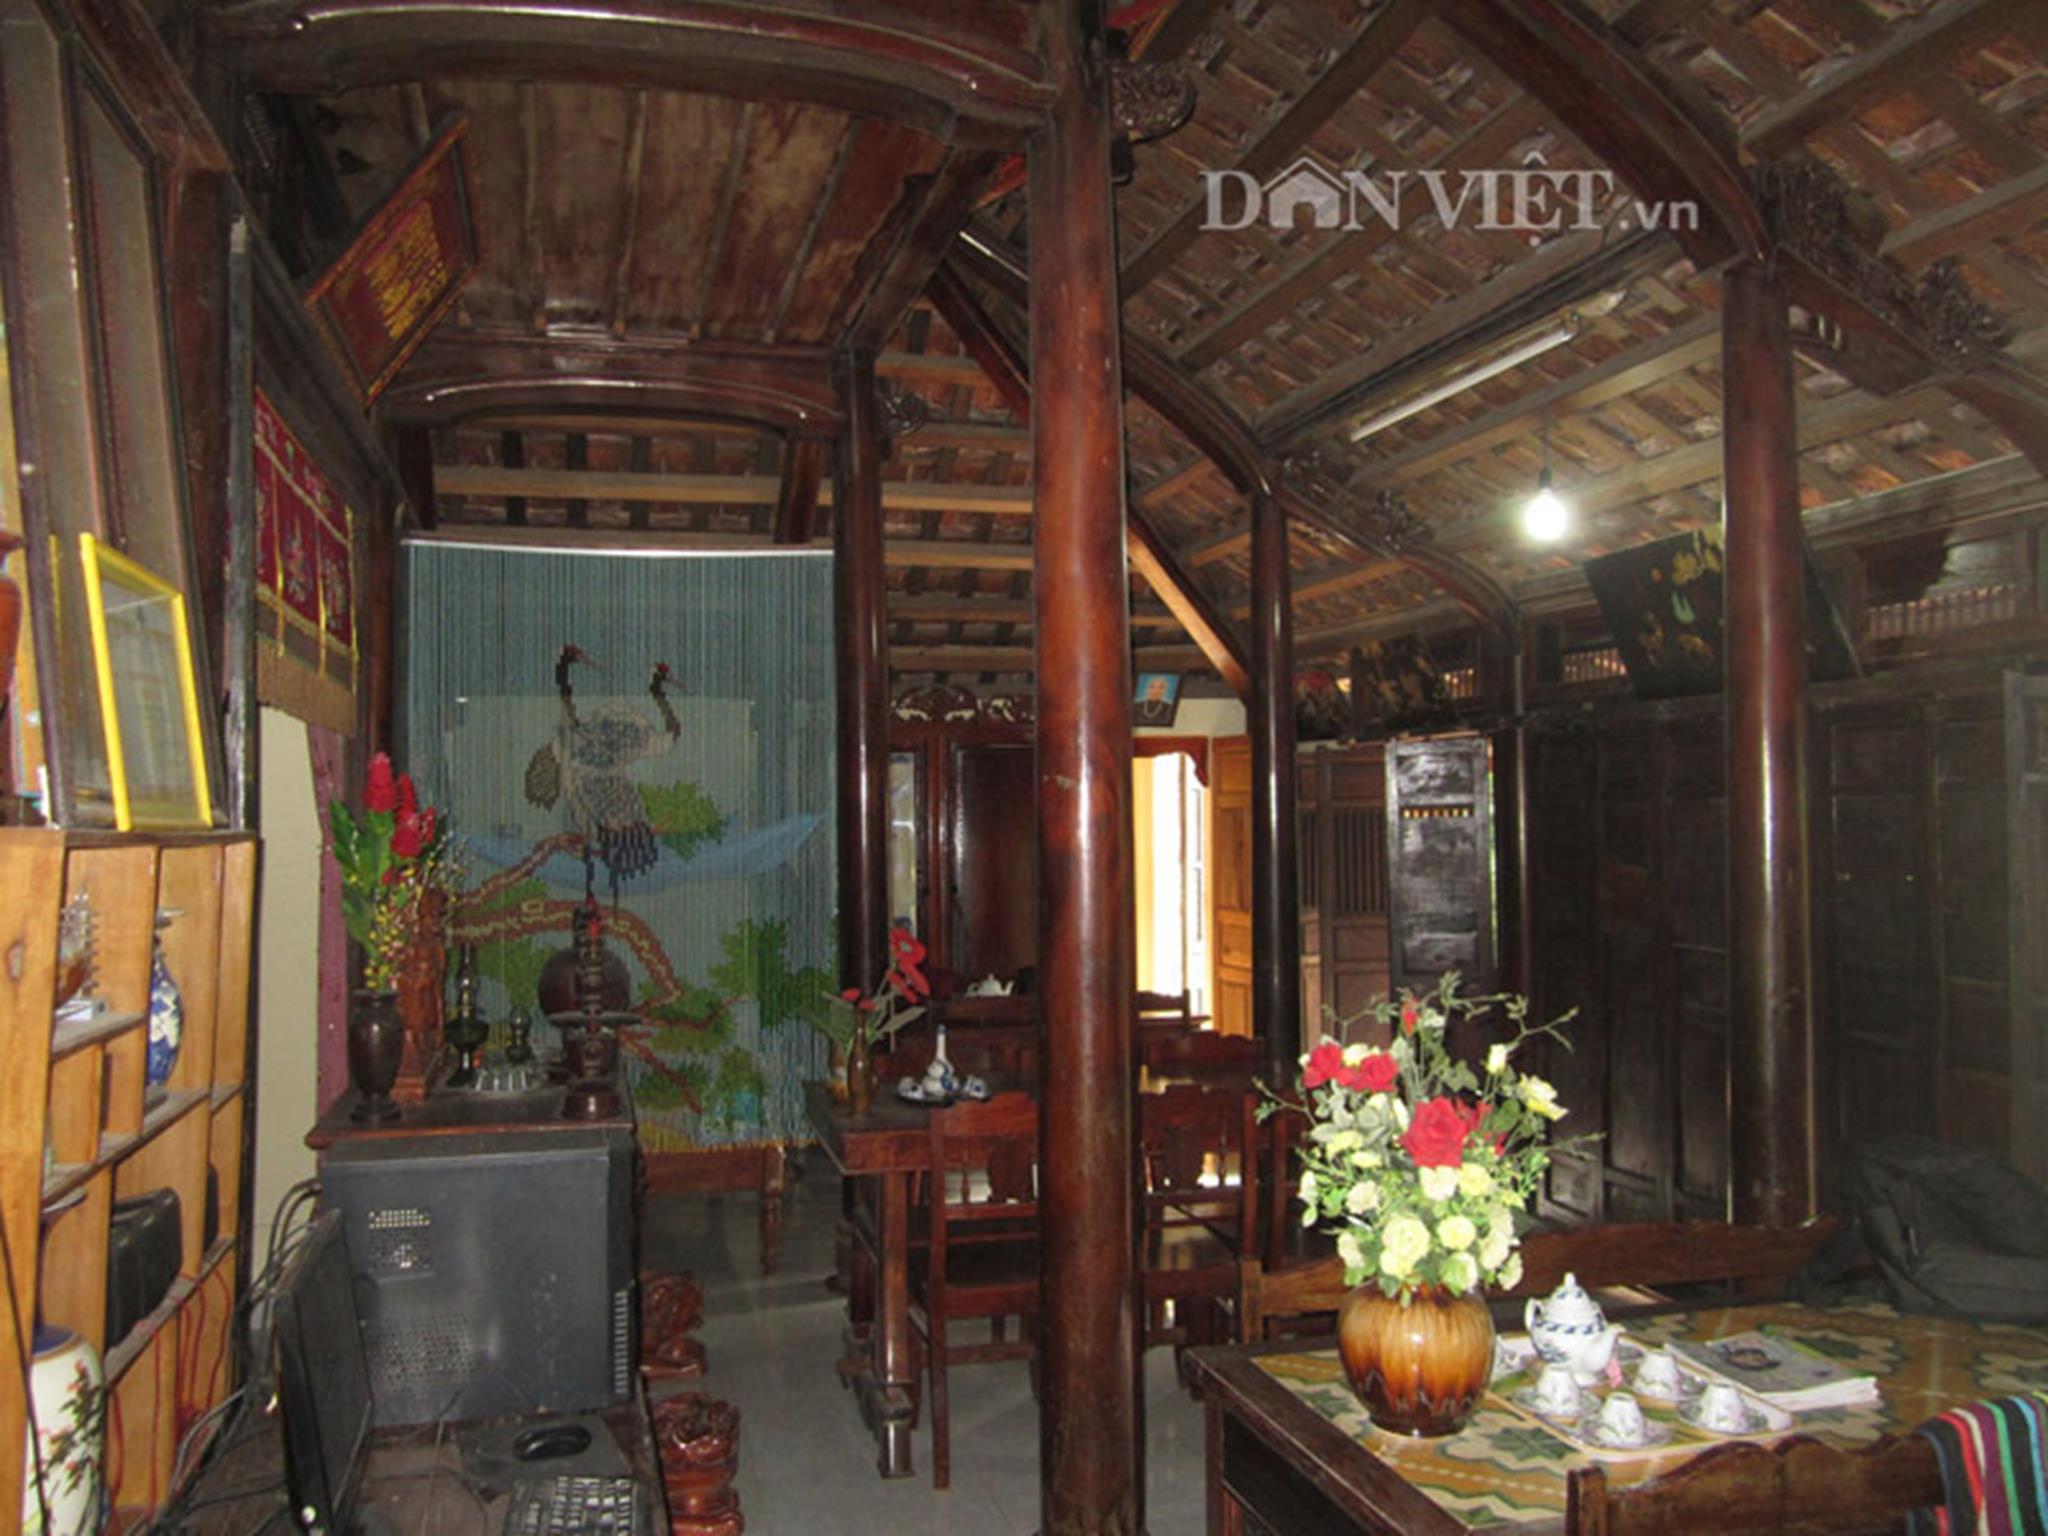 Tường của nhà được xây bằng gạch thẻ hoặc gạch vồ để mùa đông ấm, mùa hè mát mẽ.